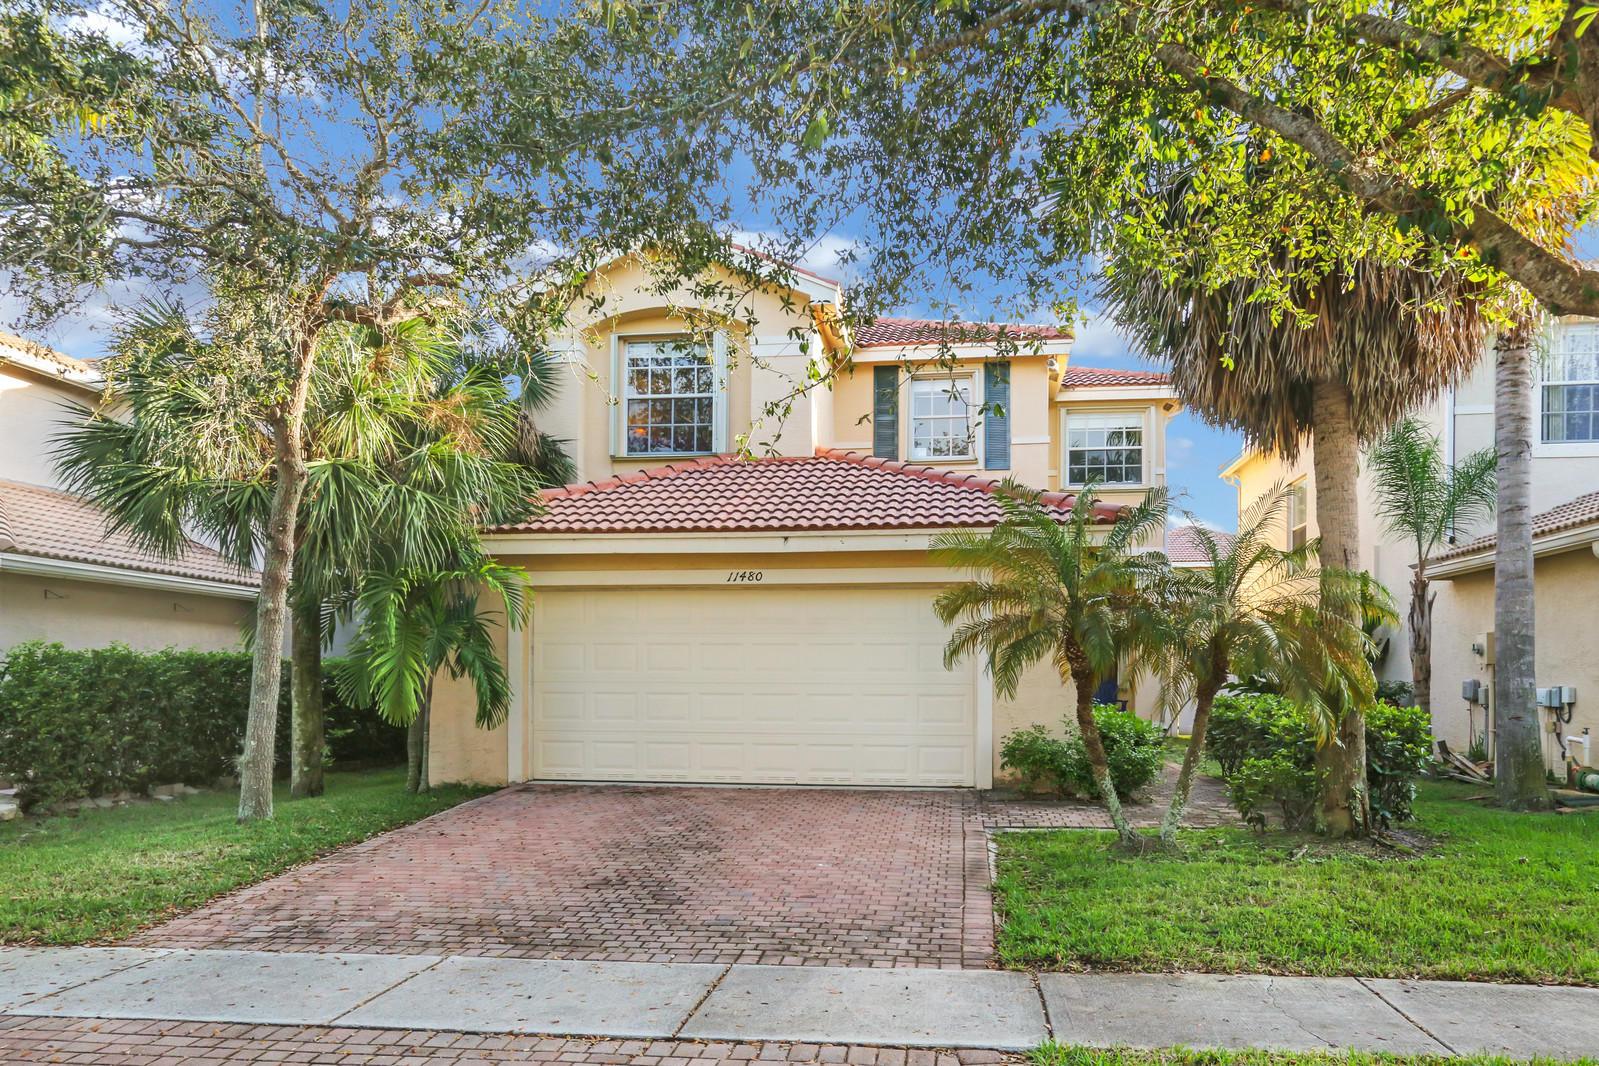 Photo of 11480 Blue Violet Lane, Royal Palm Beach, FL 33411